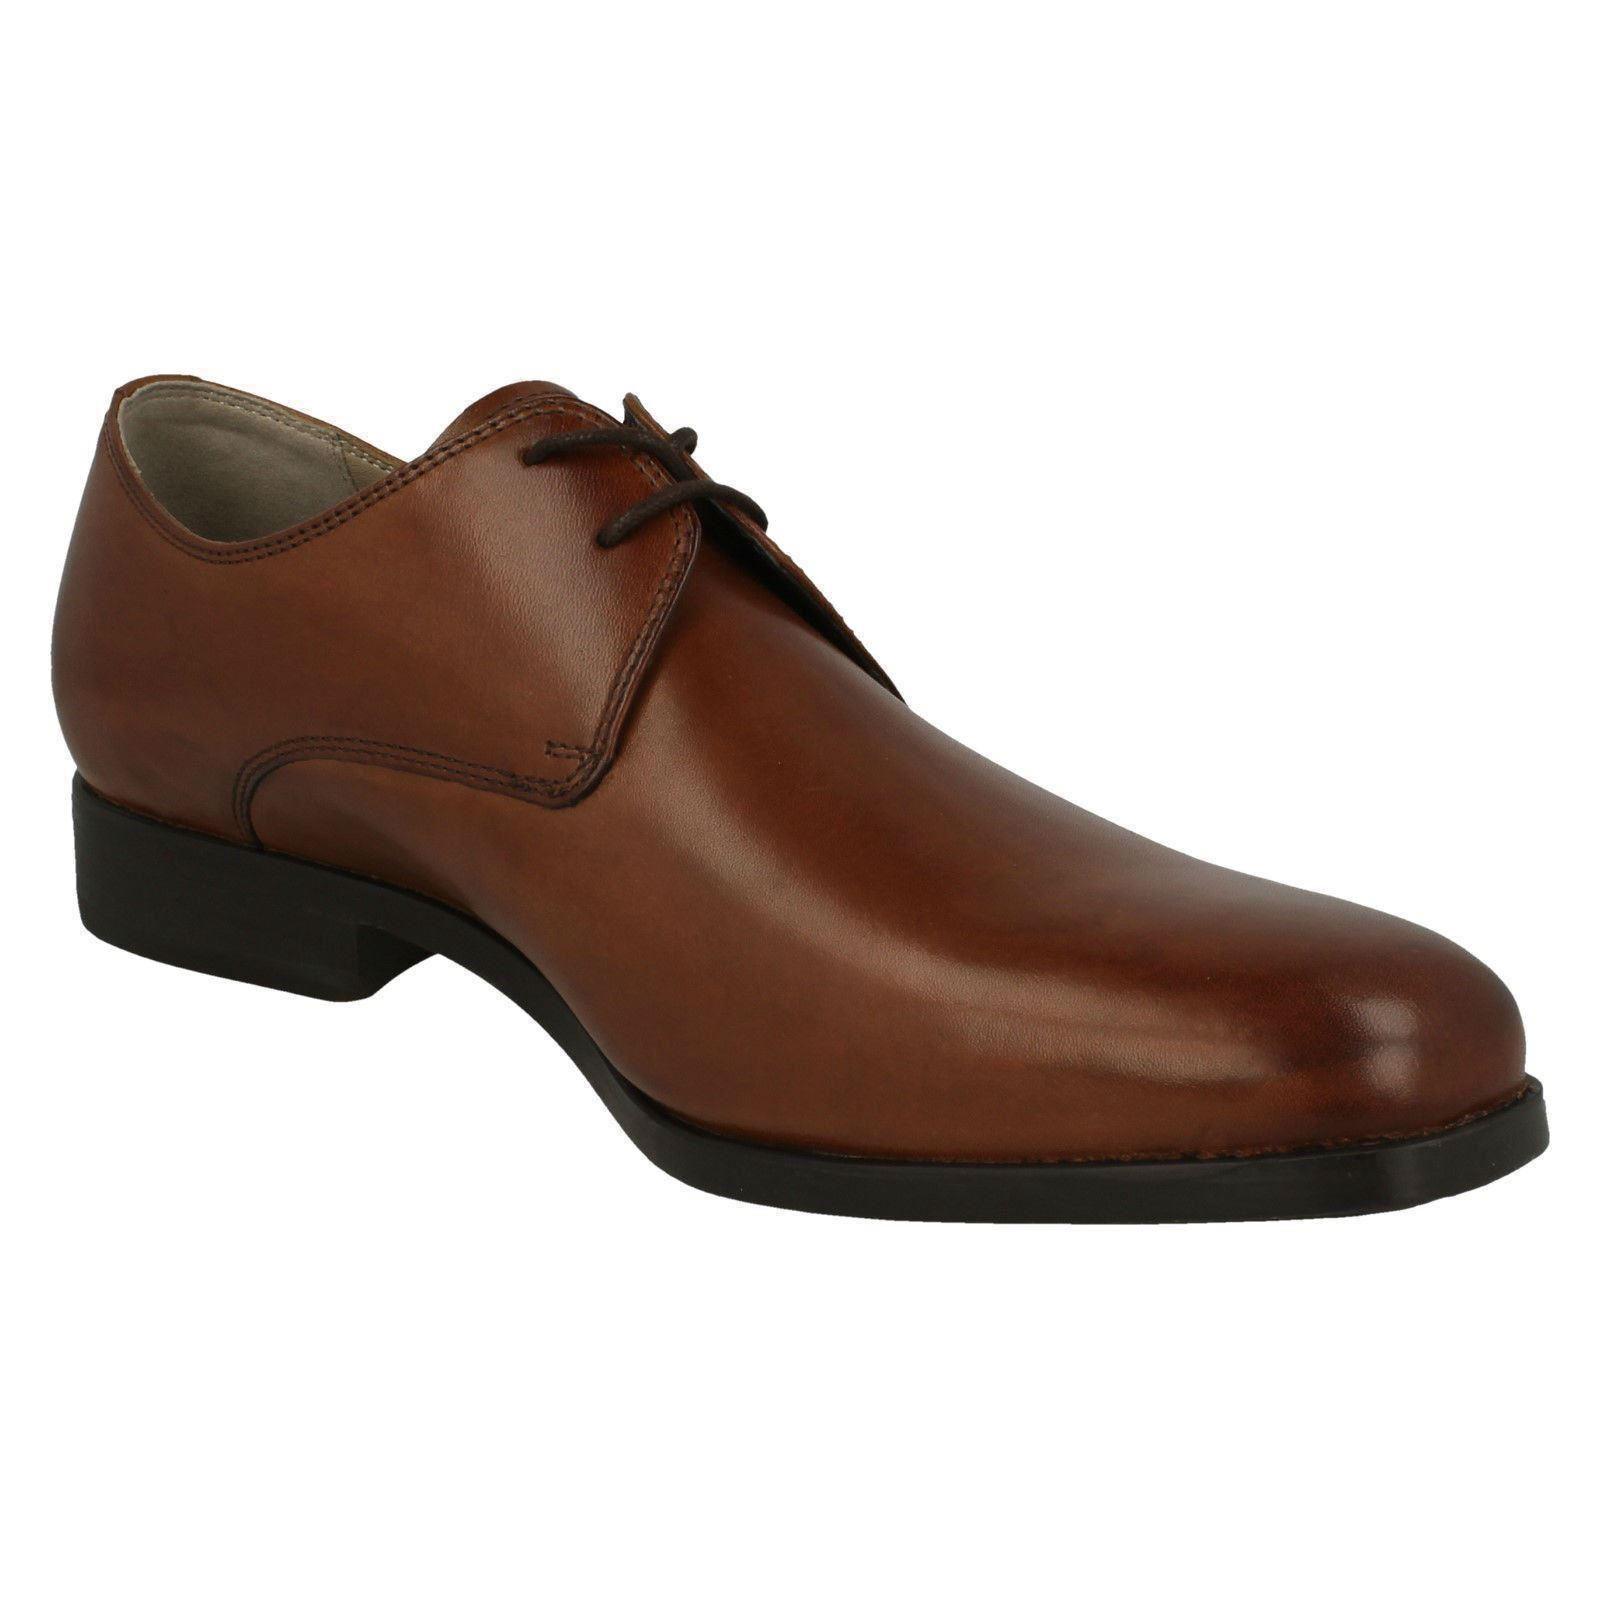 Herren Clarks amieson Walk Smart schwarz oder tan Leder Schnürschuhe G PASSFORM